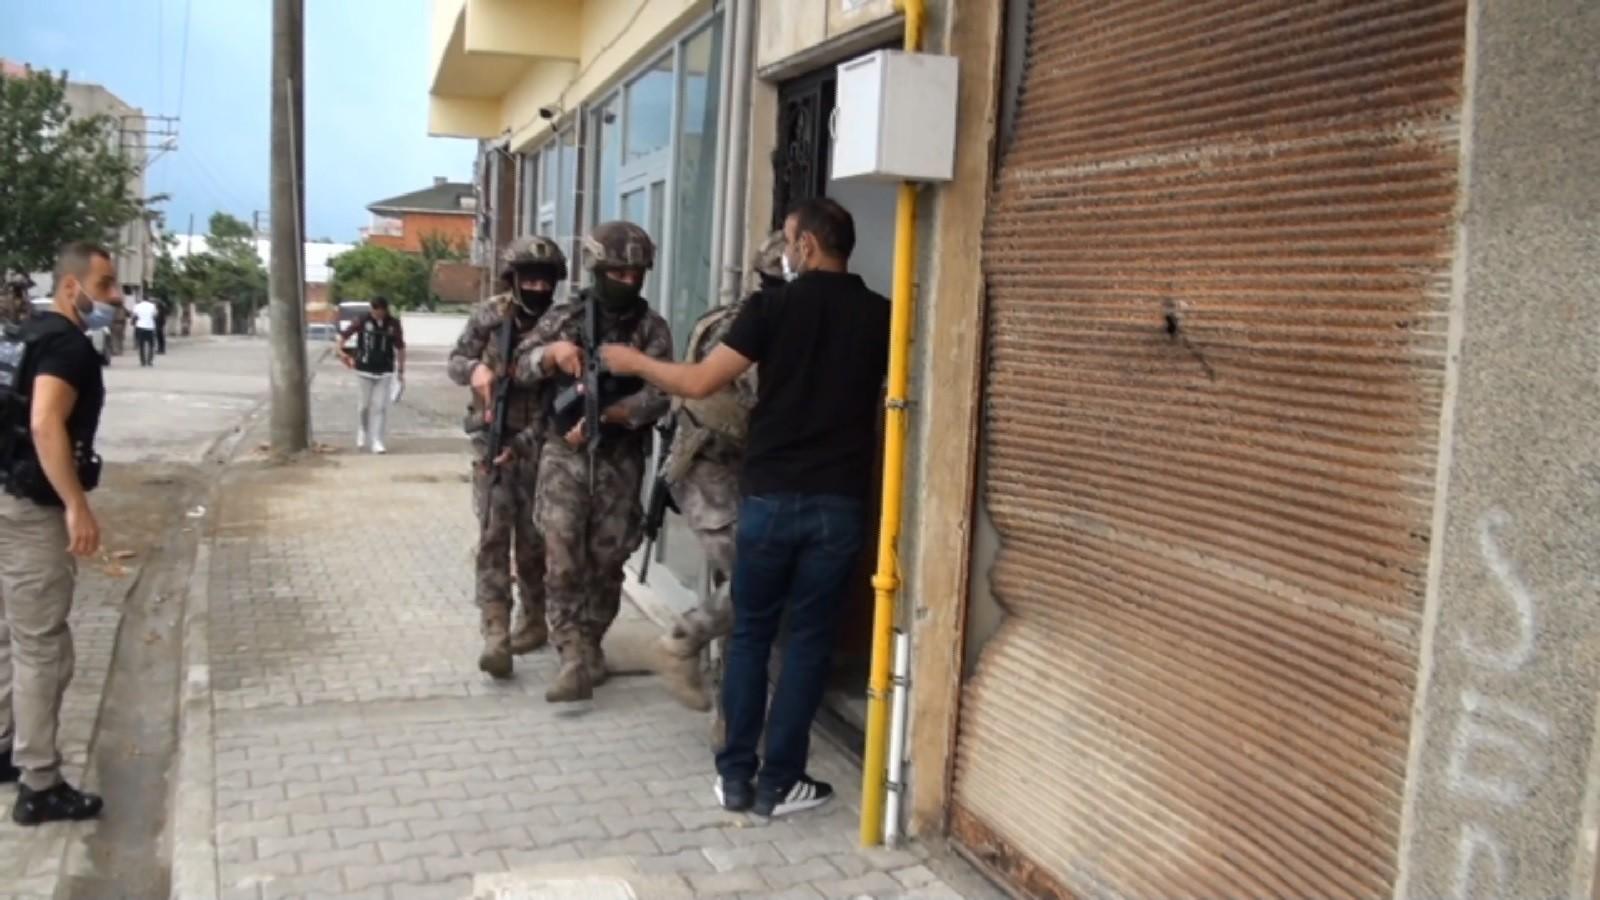 Trabzon'daki uyuşturucu operasyonunda gözaltına alınan 15 kişi tutuklanarak cezaevine gönderildi